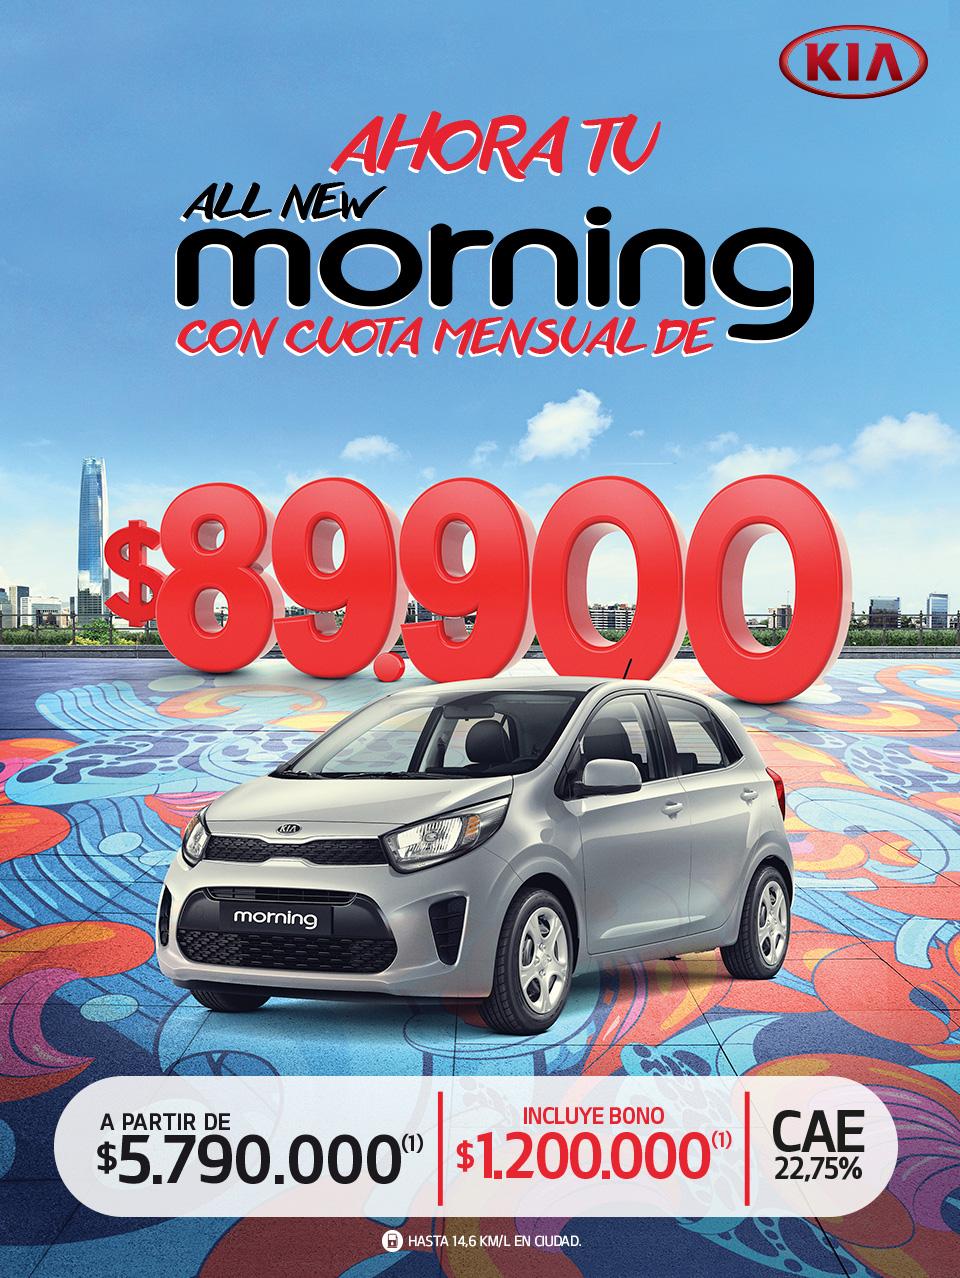 All New Morning conquista la ciudad, ahora con cuota mensual de $99.000 - Cae 25,21% - apartir de $6.290.000(1) incluye bono de $700.000(1)